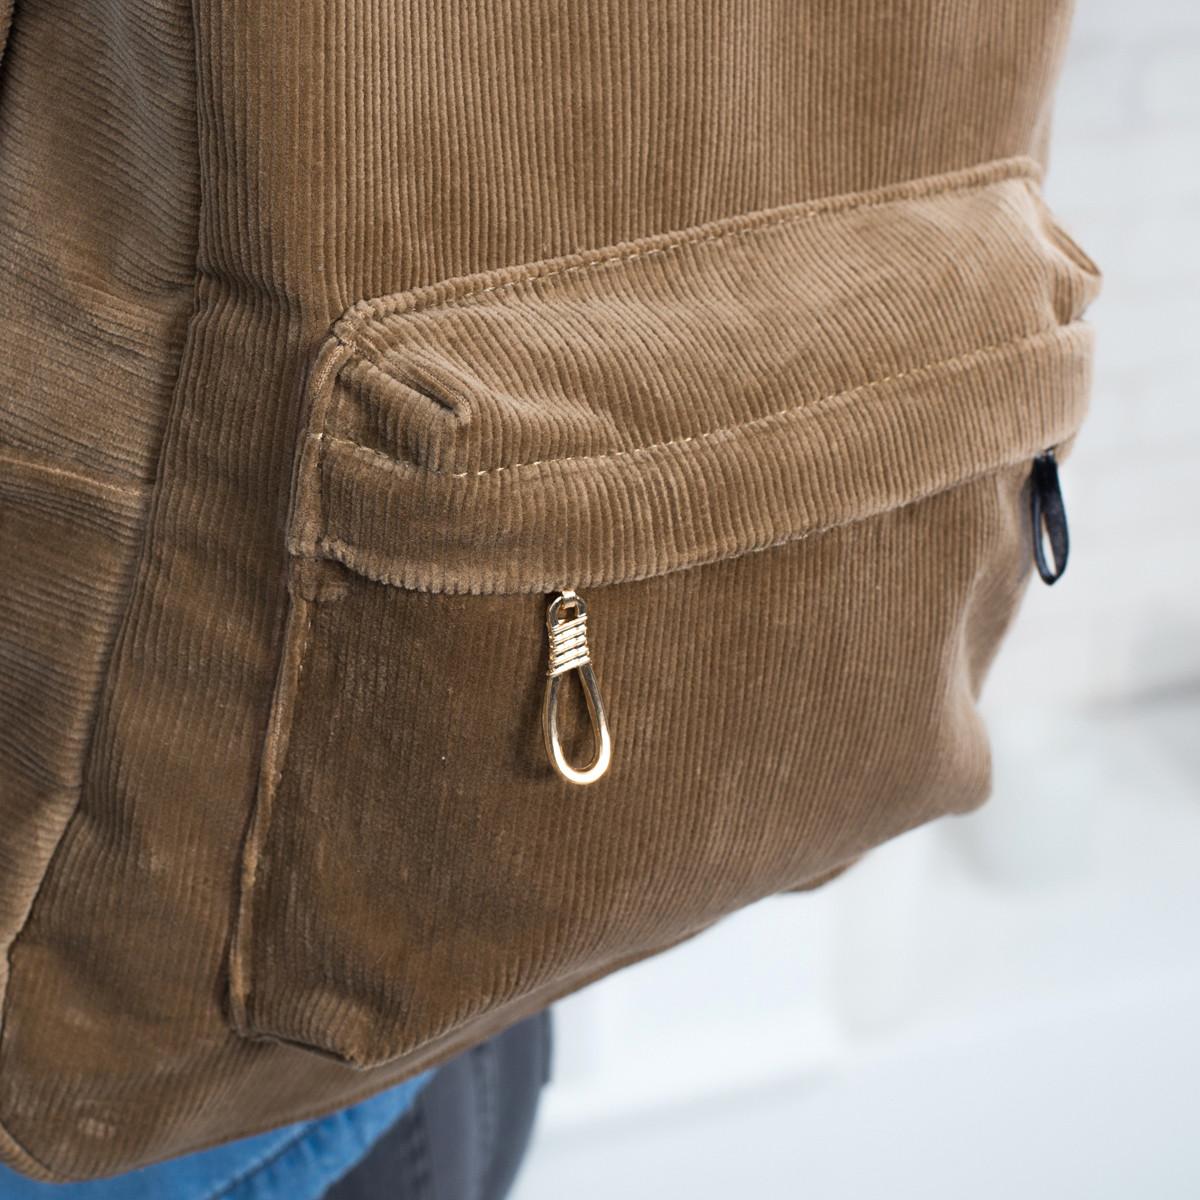 Городской женский вельветовый рюкзак Mayers, песочный, фото 2